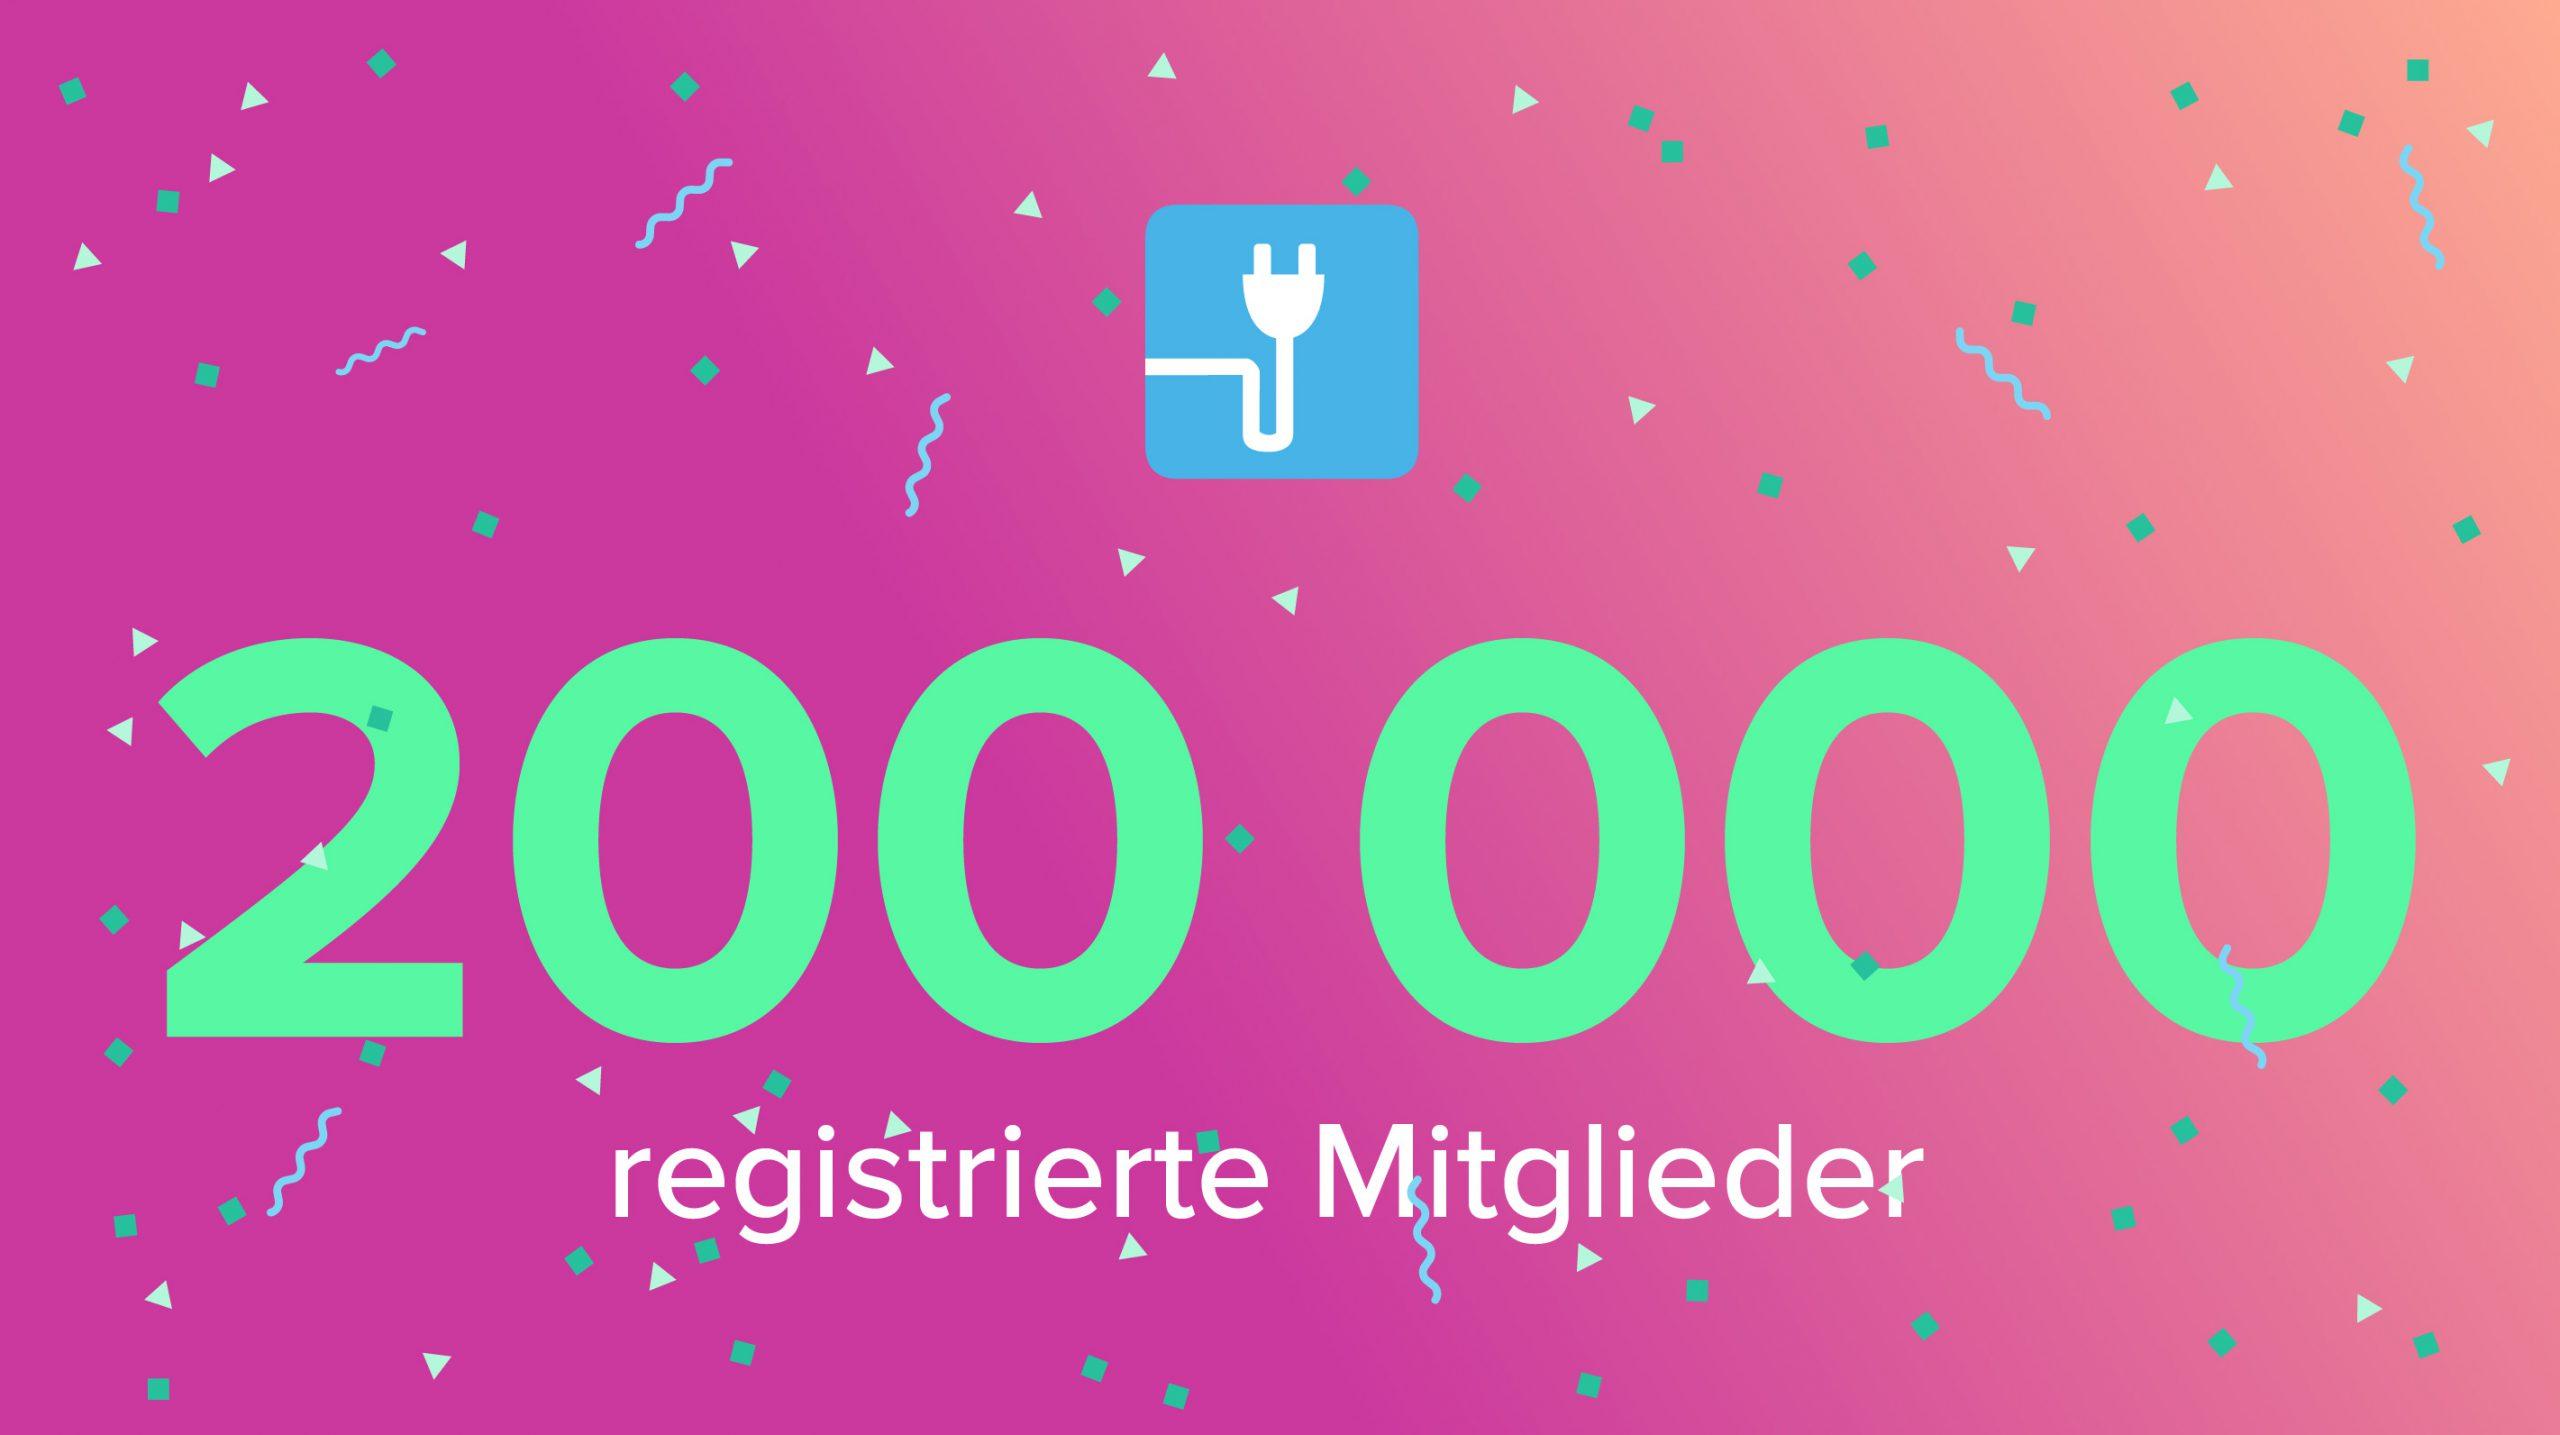 200k registrierte Mitglieder